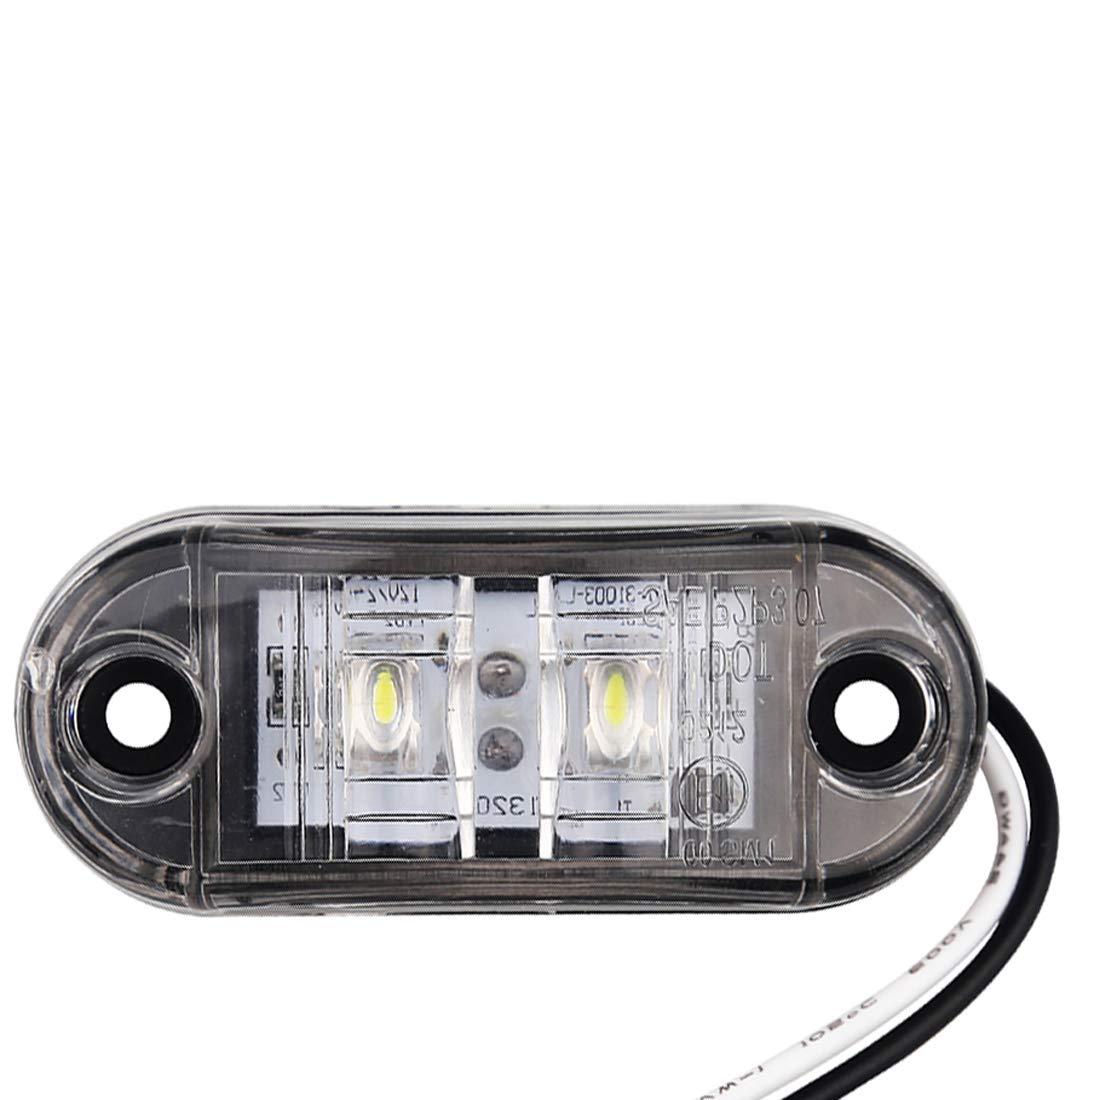 Amarillo VIGORFLYRUN PARTS LTD 8X LED luz de Marcador Lateral Indicador de Posici/ón L/ámparas para Cami/ón Remolque Caravana RV Bus Luz de G/álibo